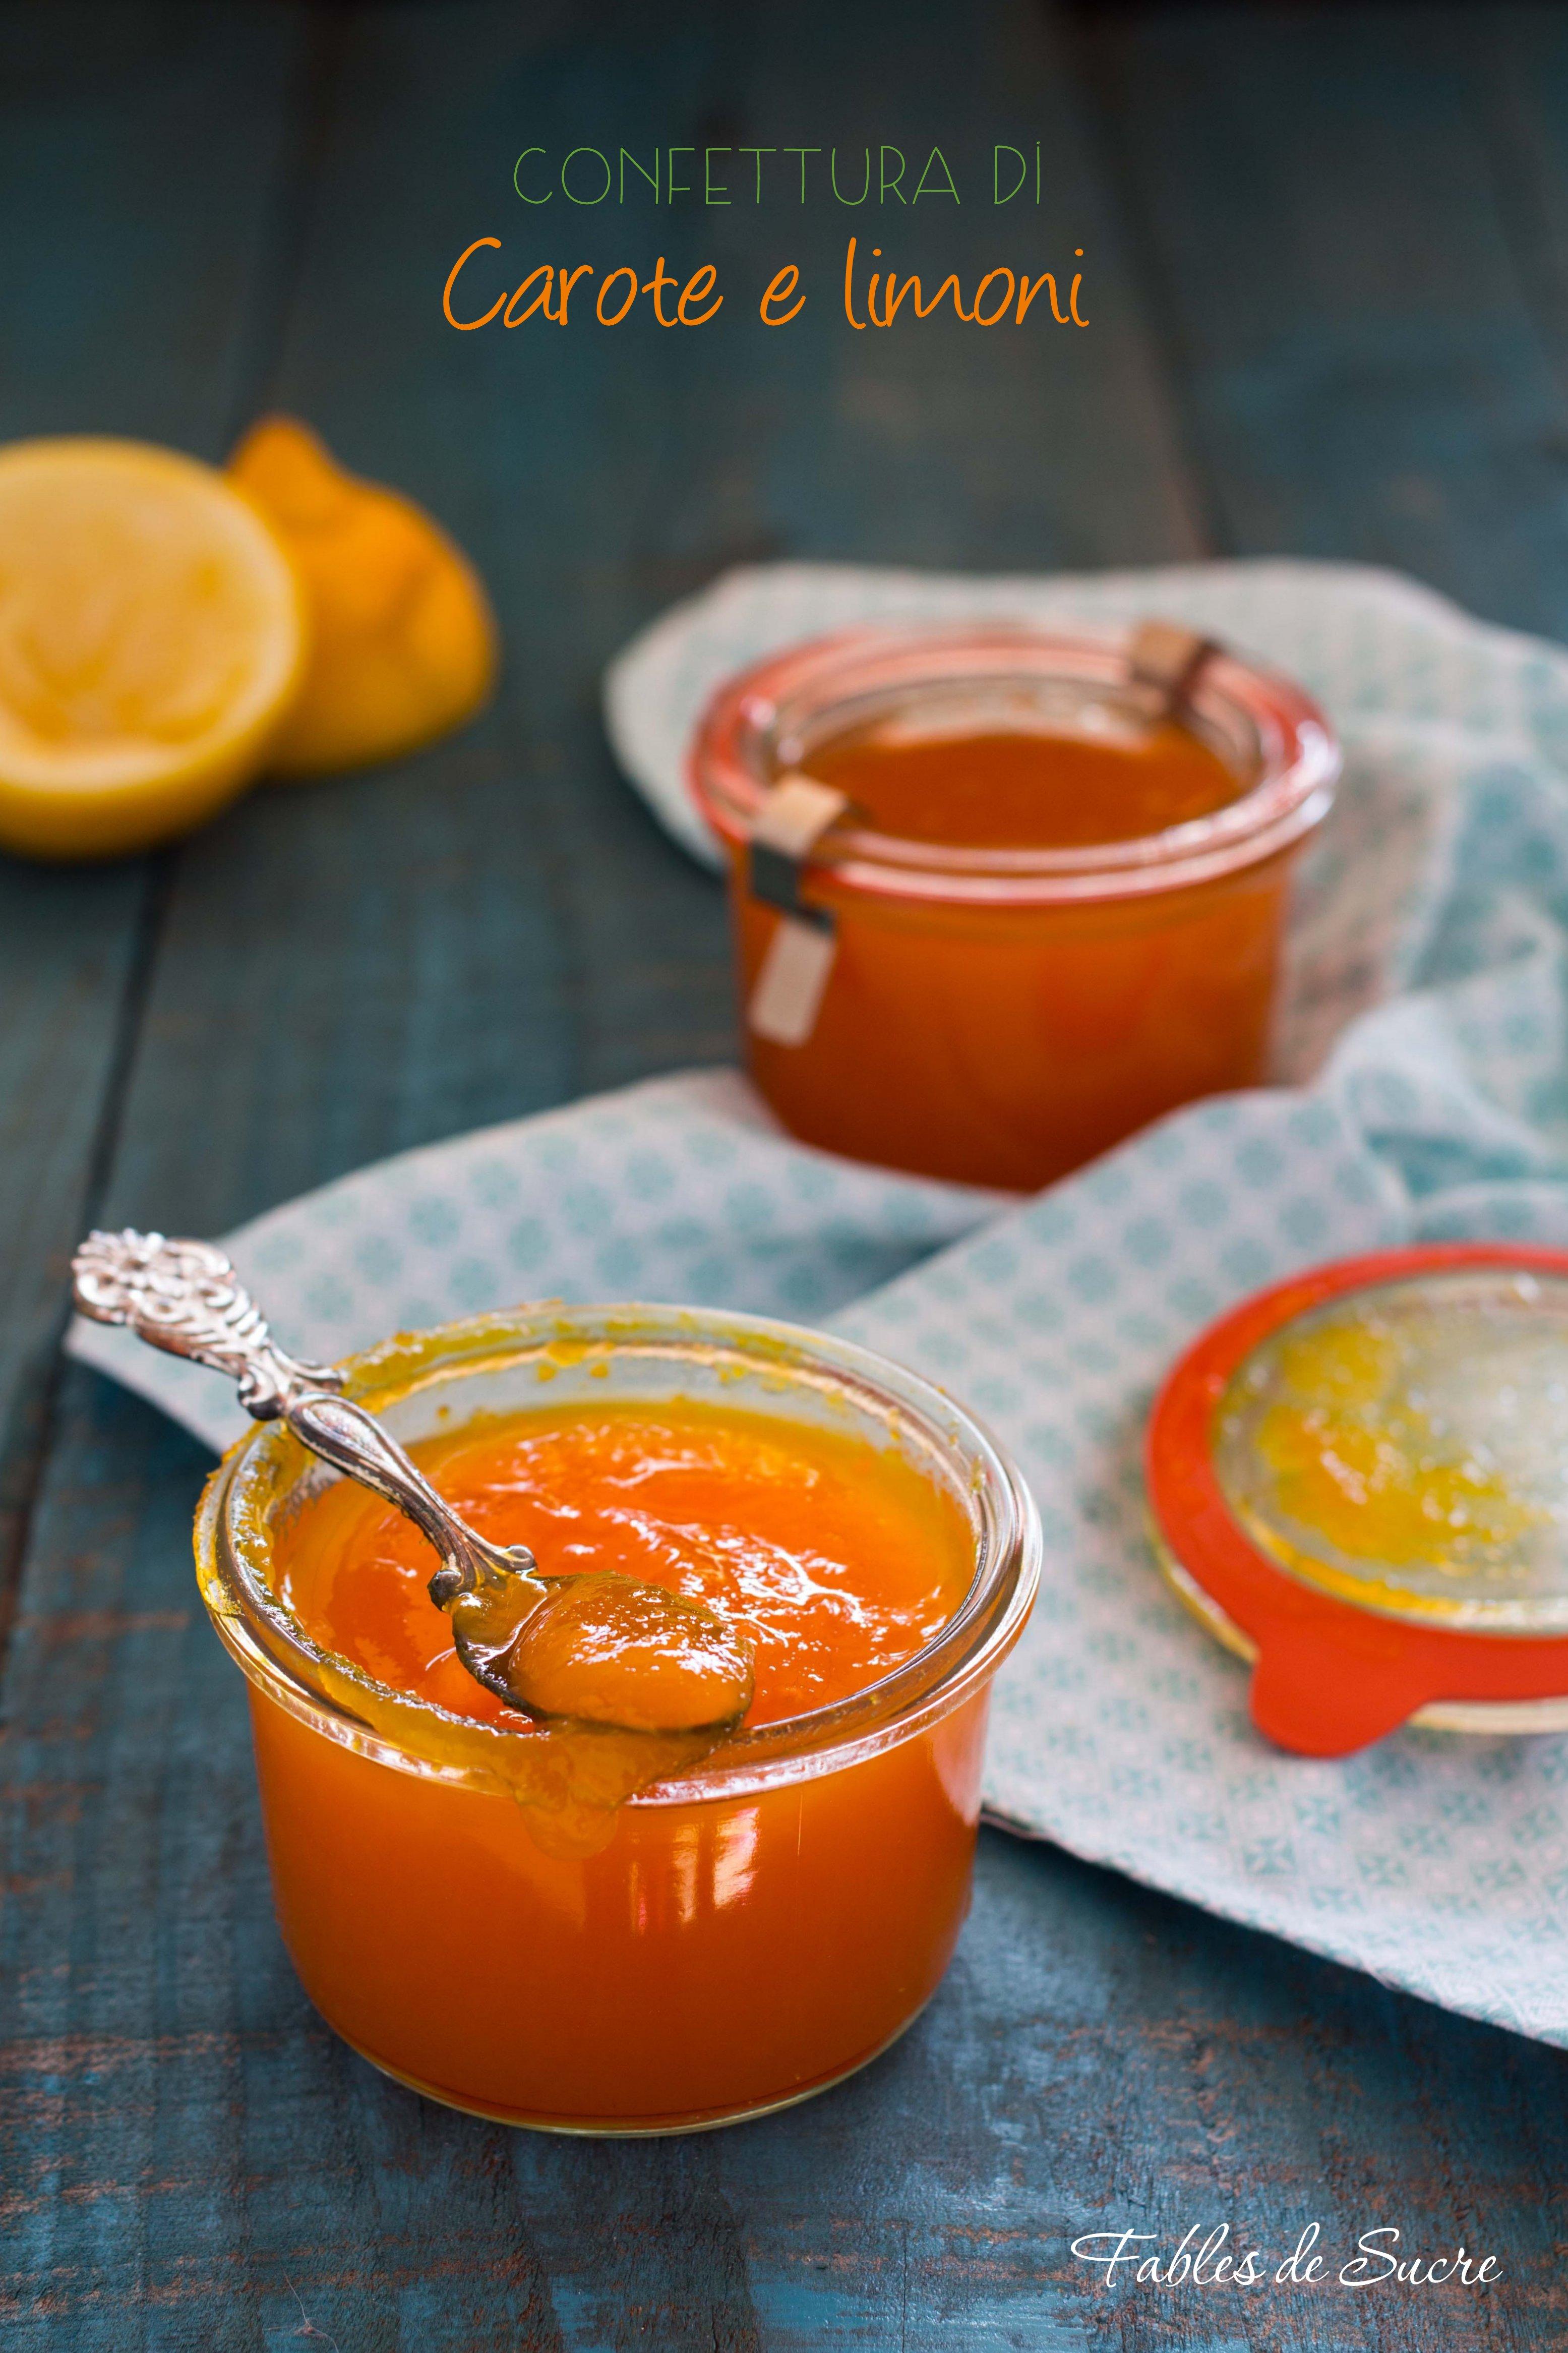 Confettura di carote e limoni